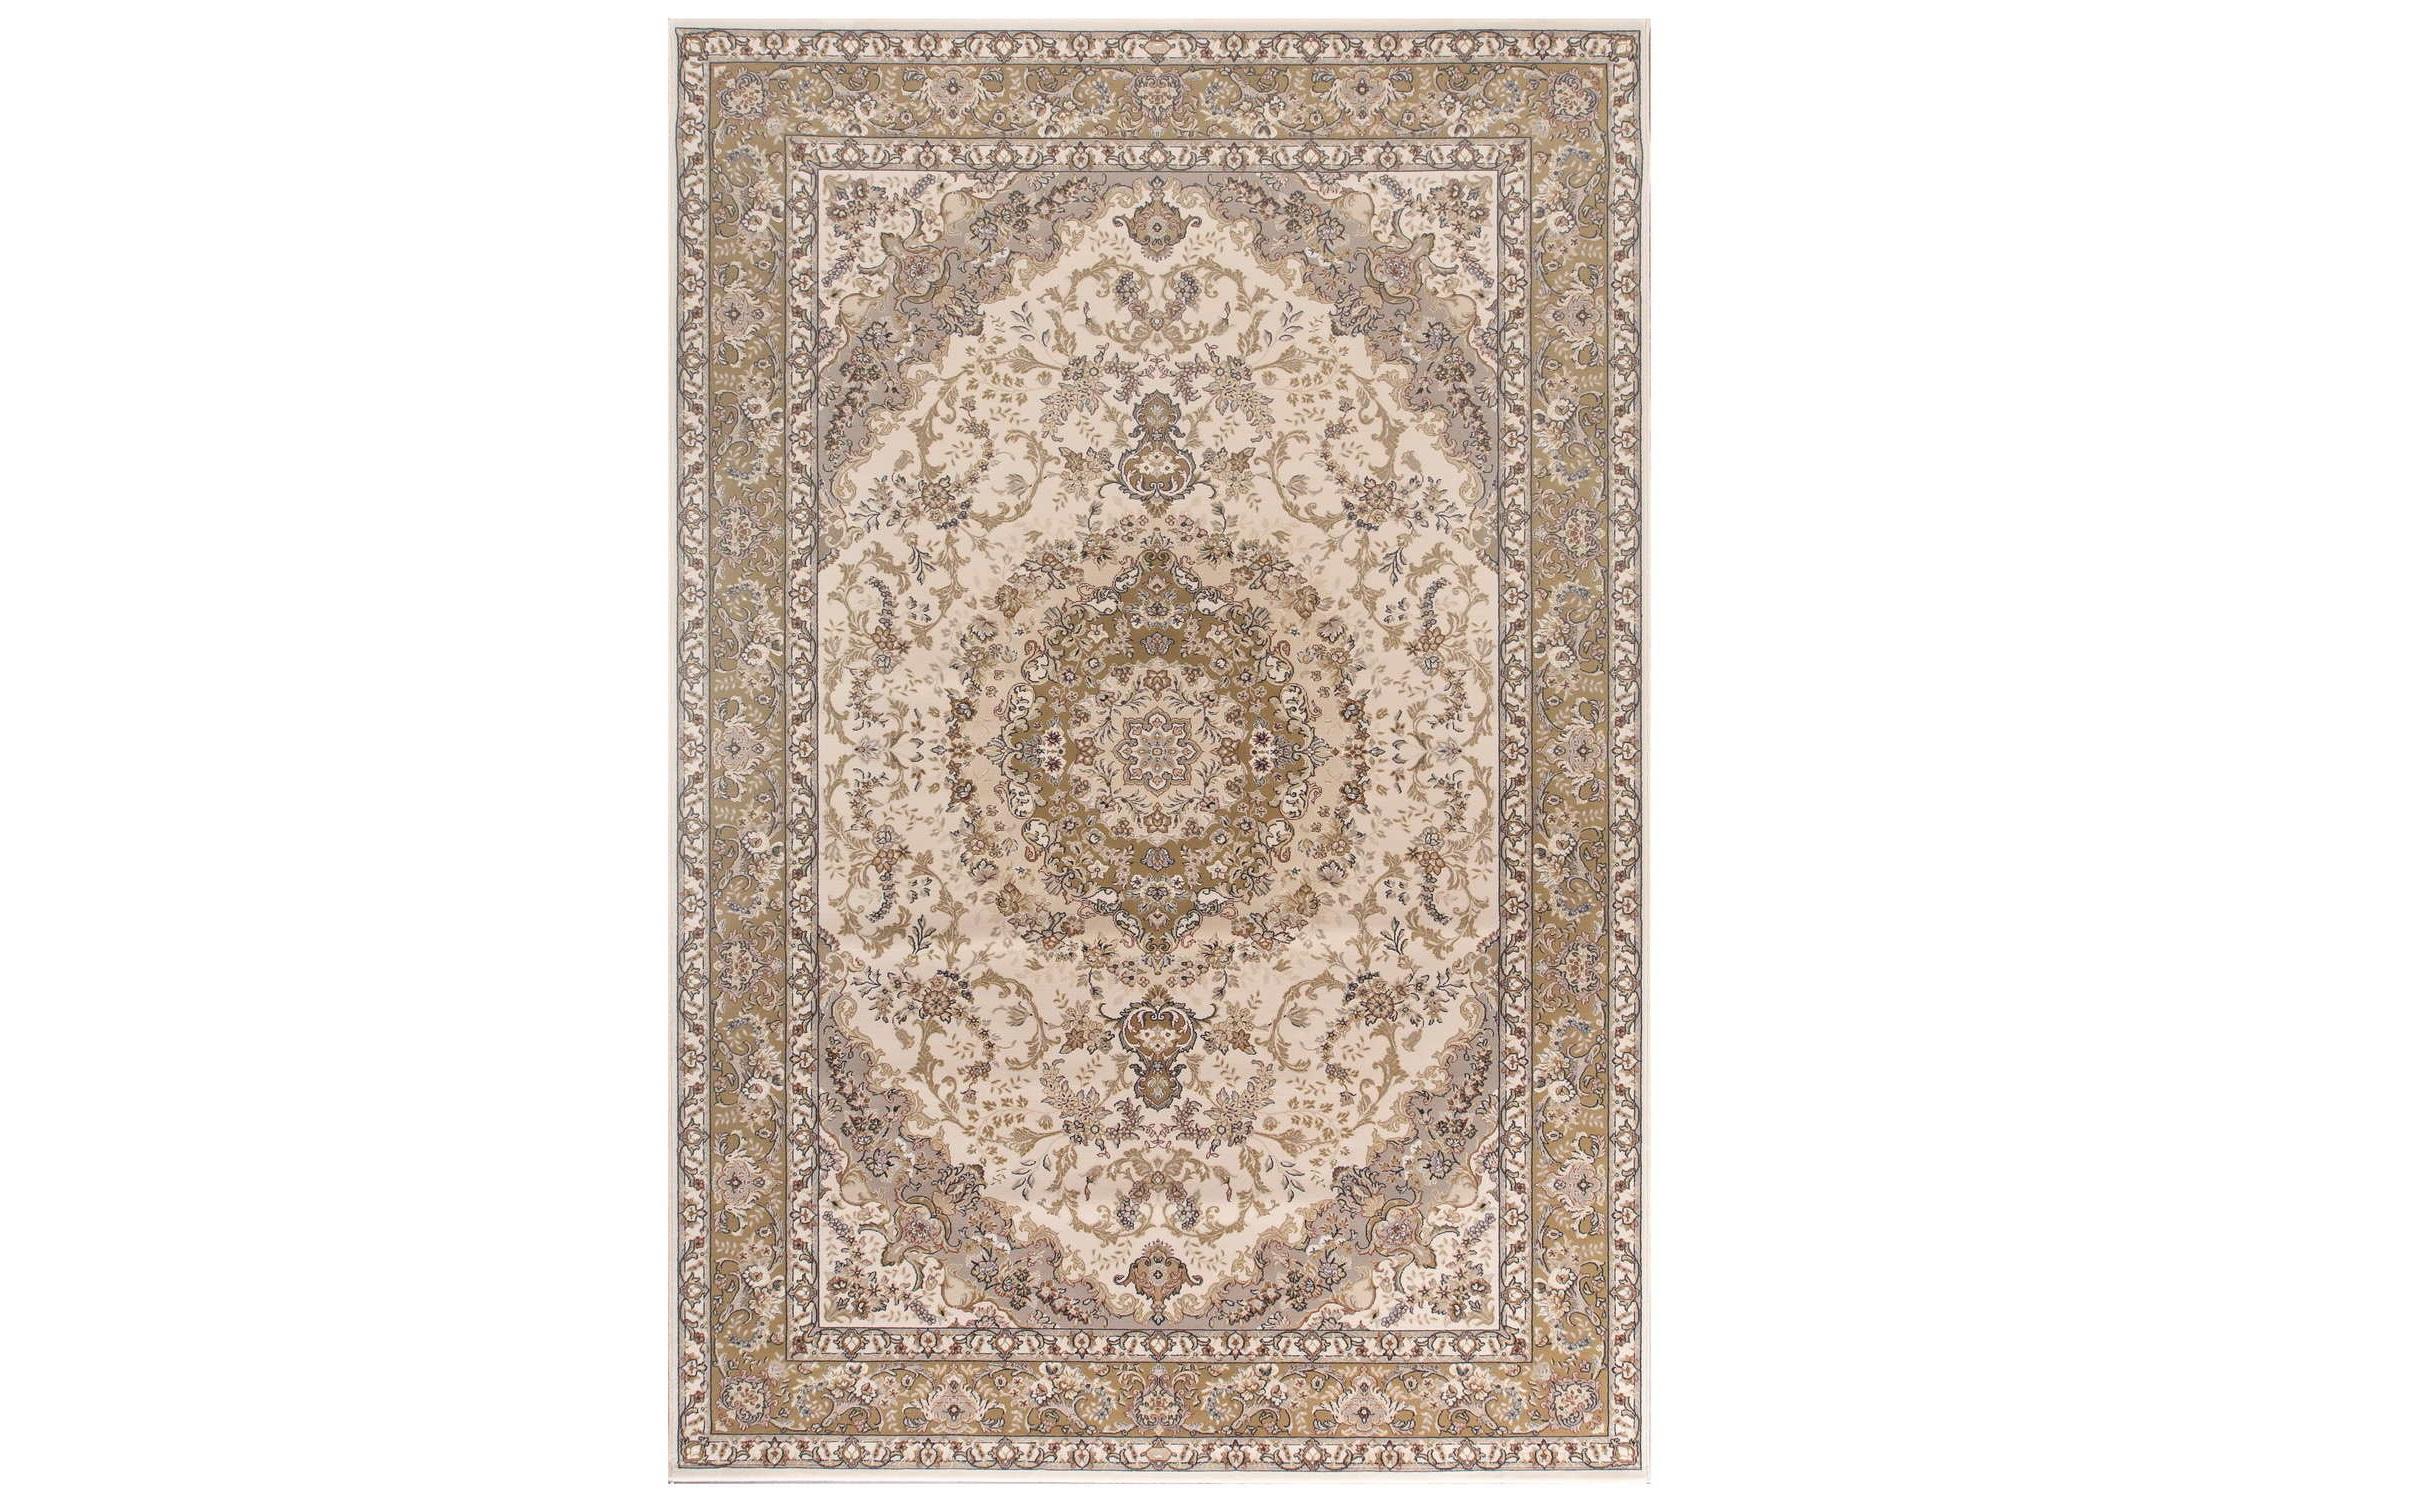 Ковер Nain mrПрямоугольные ковры<br>Размер: 1.35 х 2 м.Материал: шелк, шерсть. <br><br>kit: None<br>gender: None